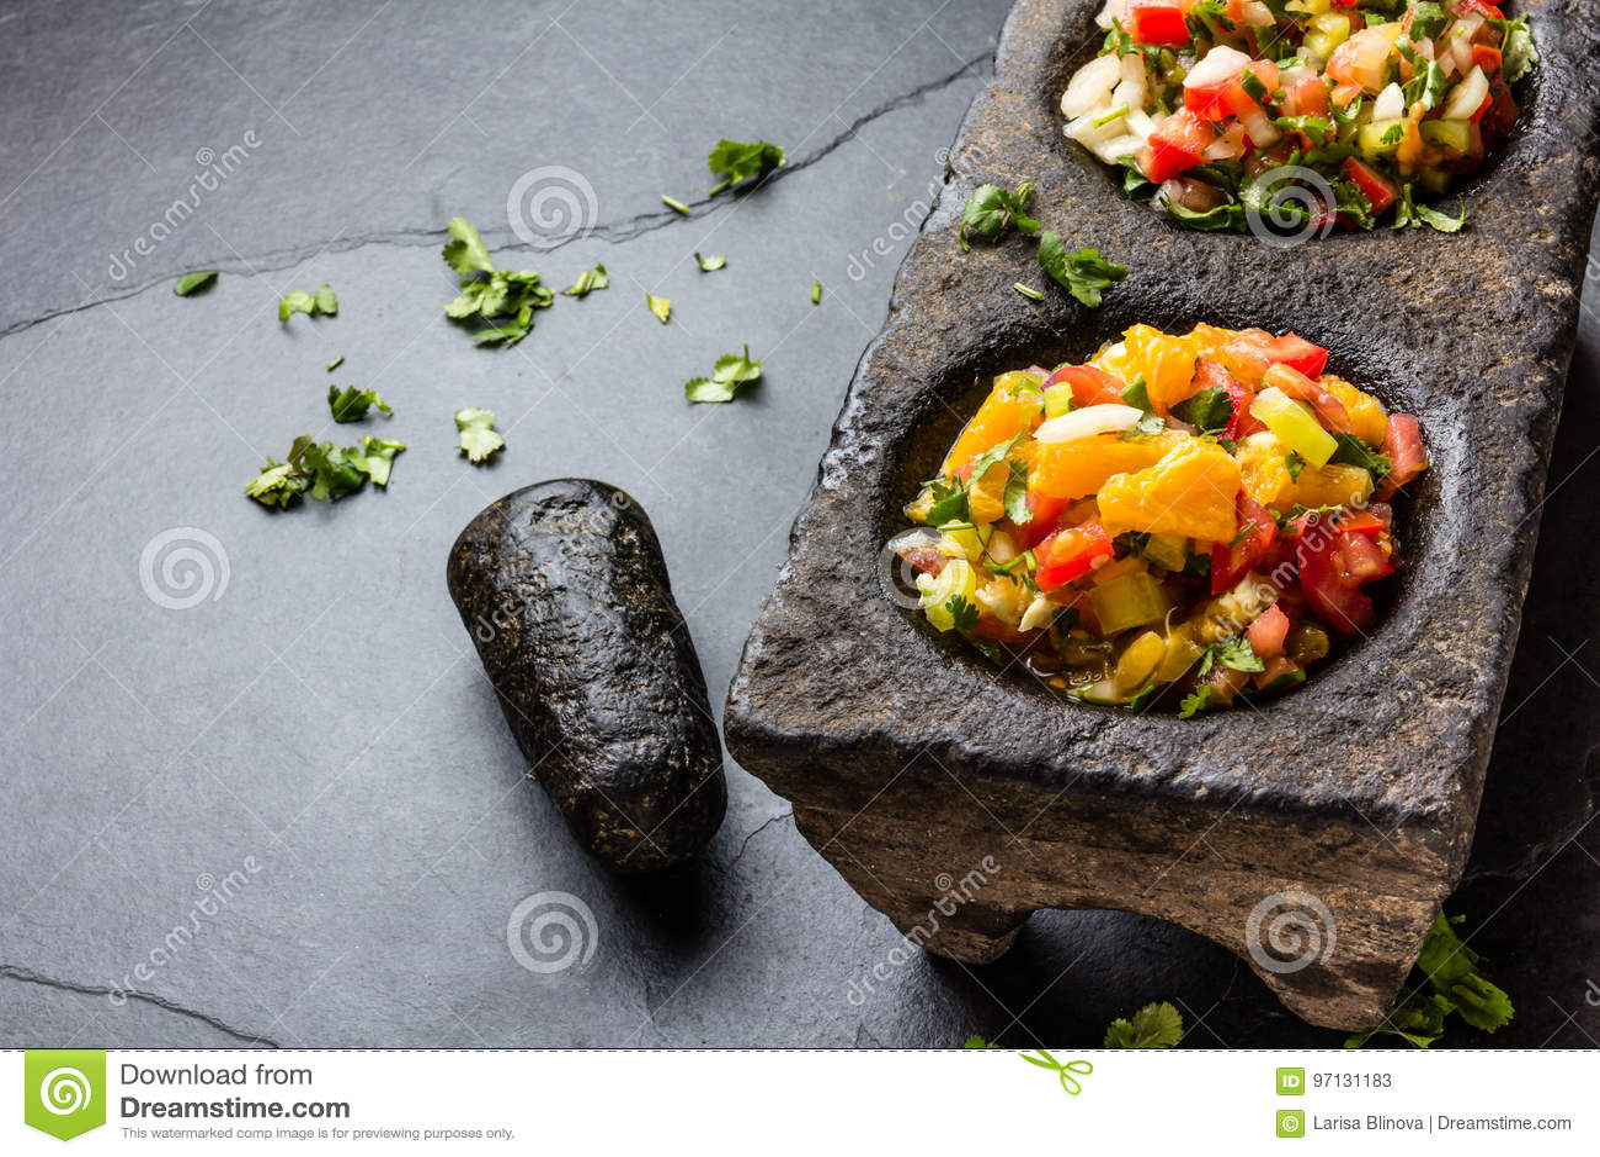 Διάσημα μεξικάνικα salsas σαλτσών - pico de Gallo, mexicana bandera salsa στα κονιάματα πετρών στο γκρίζο υπόβαθρο πλακών